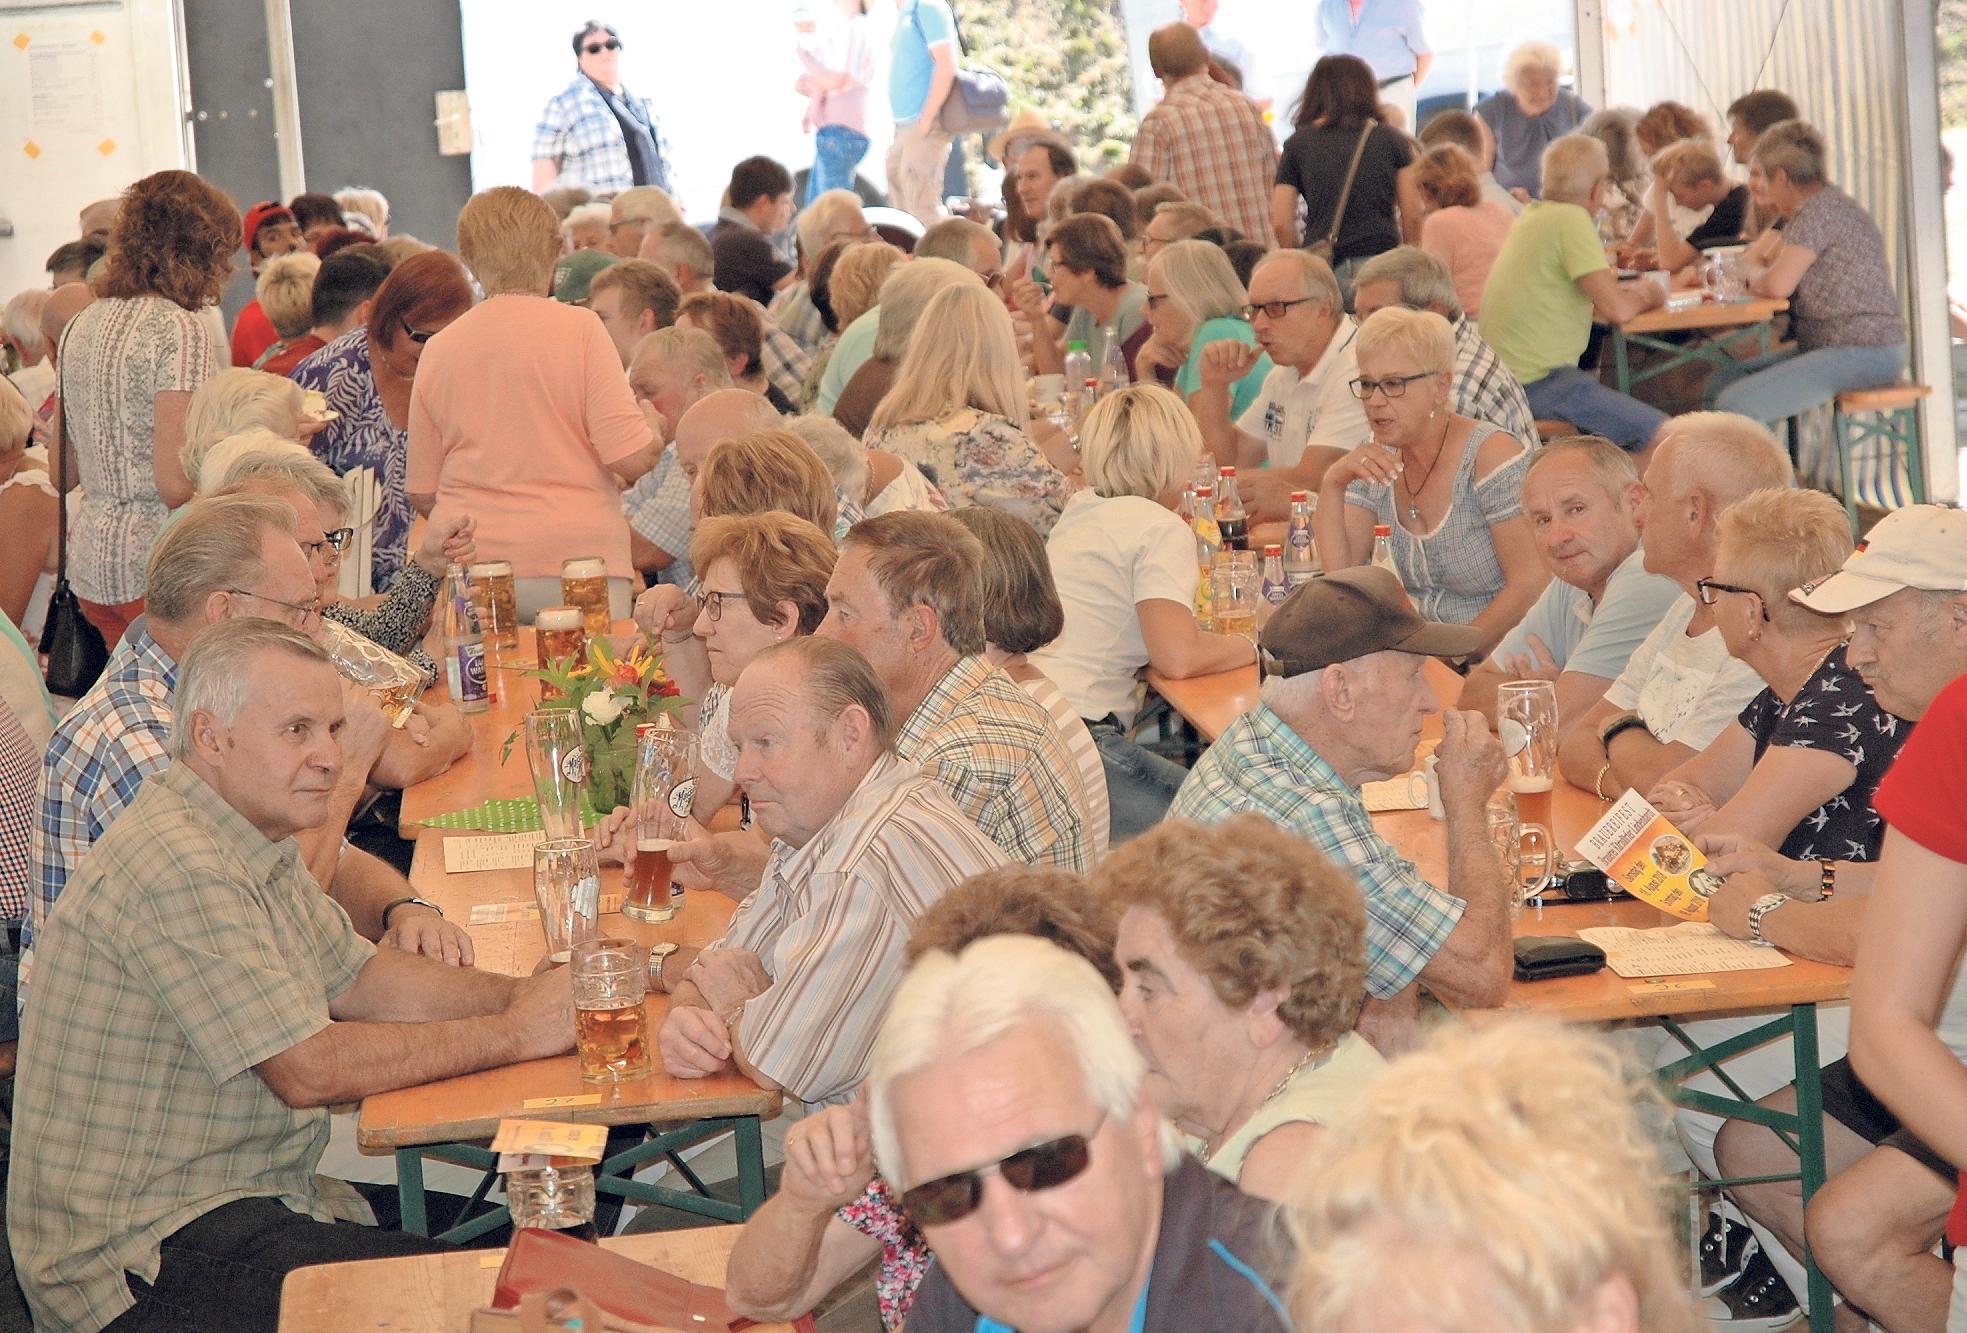 Vollbesetzt ist das kleine Festzelt am Sonntagnachmittag. Fotos: Dieter Jenß